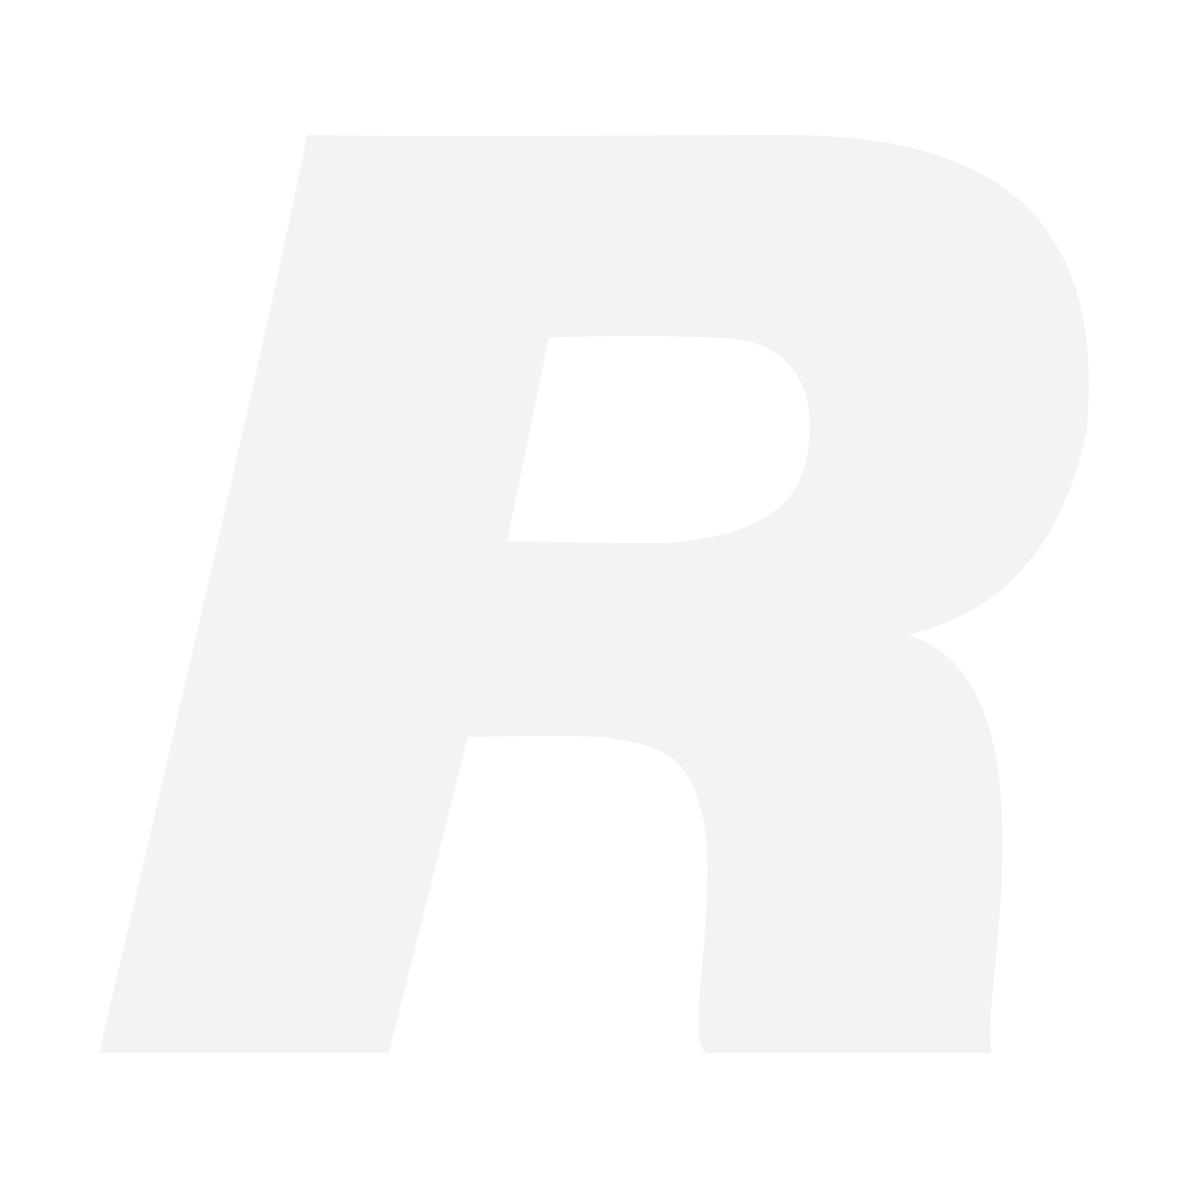 Zeiss Touit 50/2.8 Macro, Fuji X